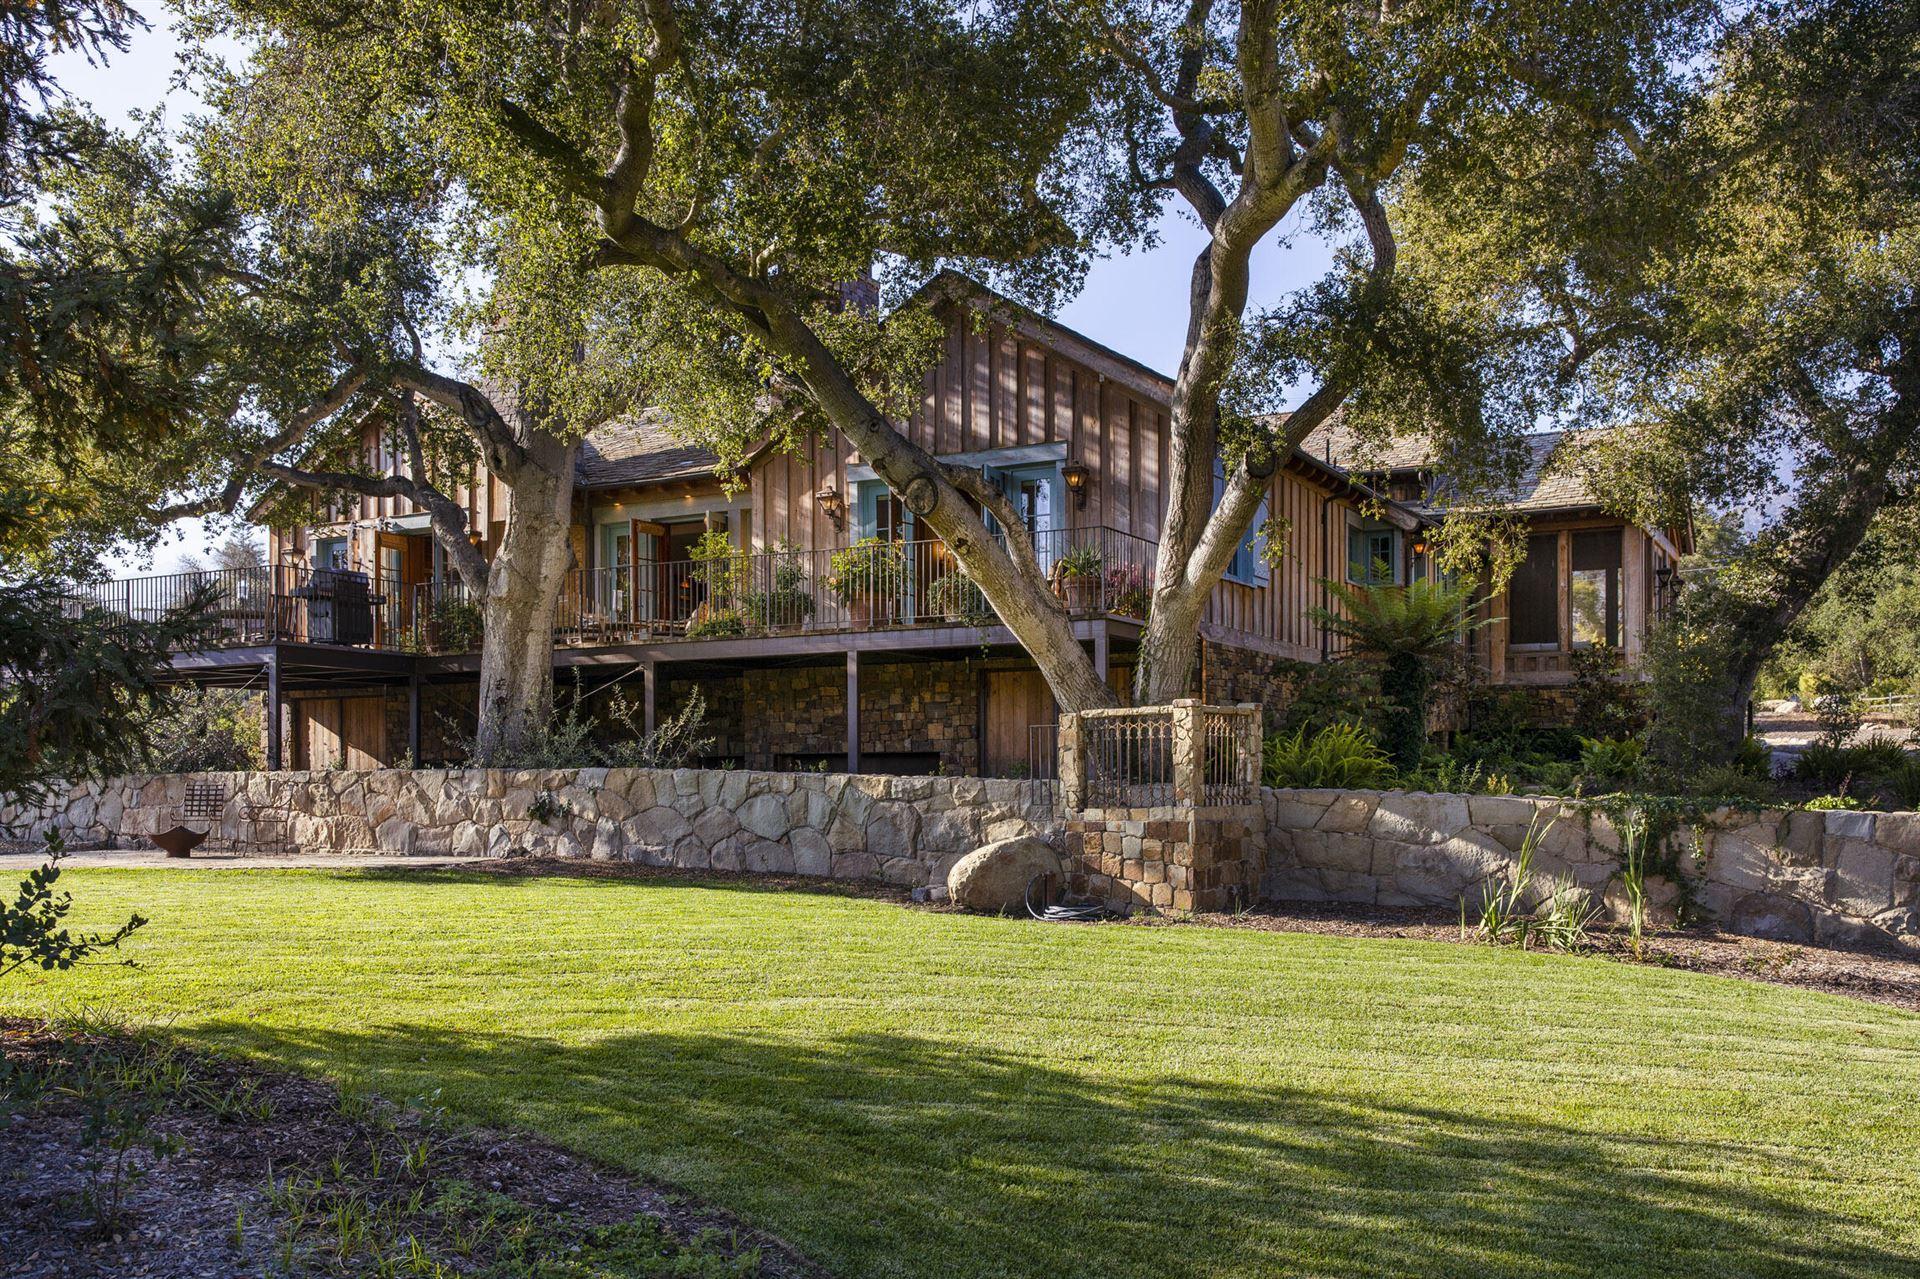 1780 Glen Oaks Dr                                                                               Montecito                                                                      , CA - $6,295,000